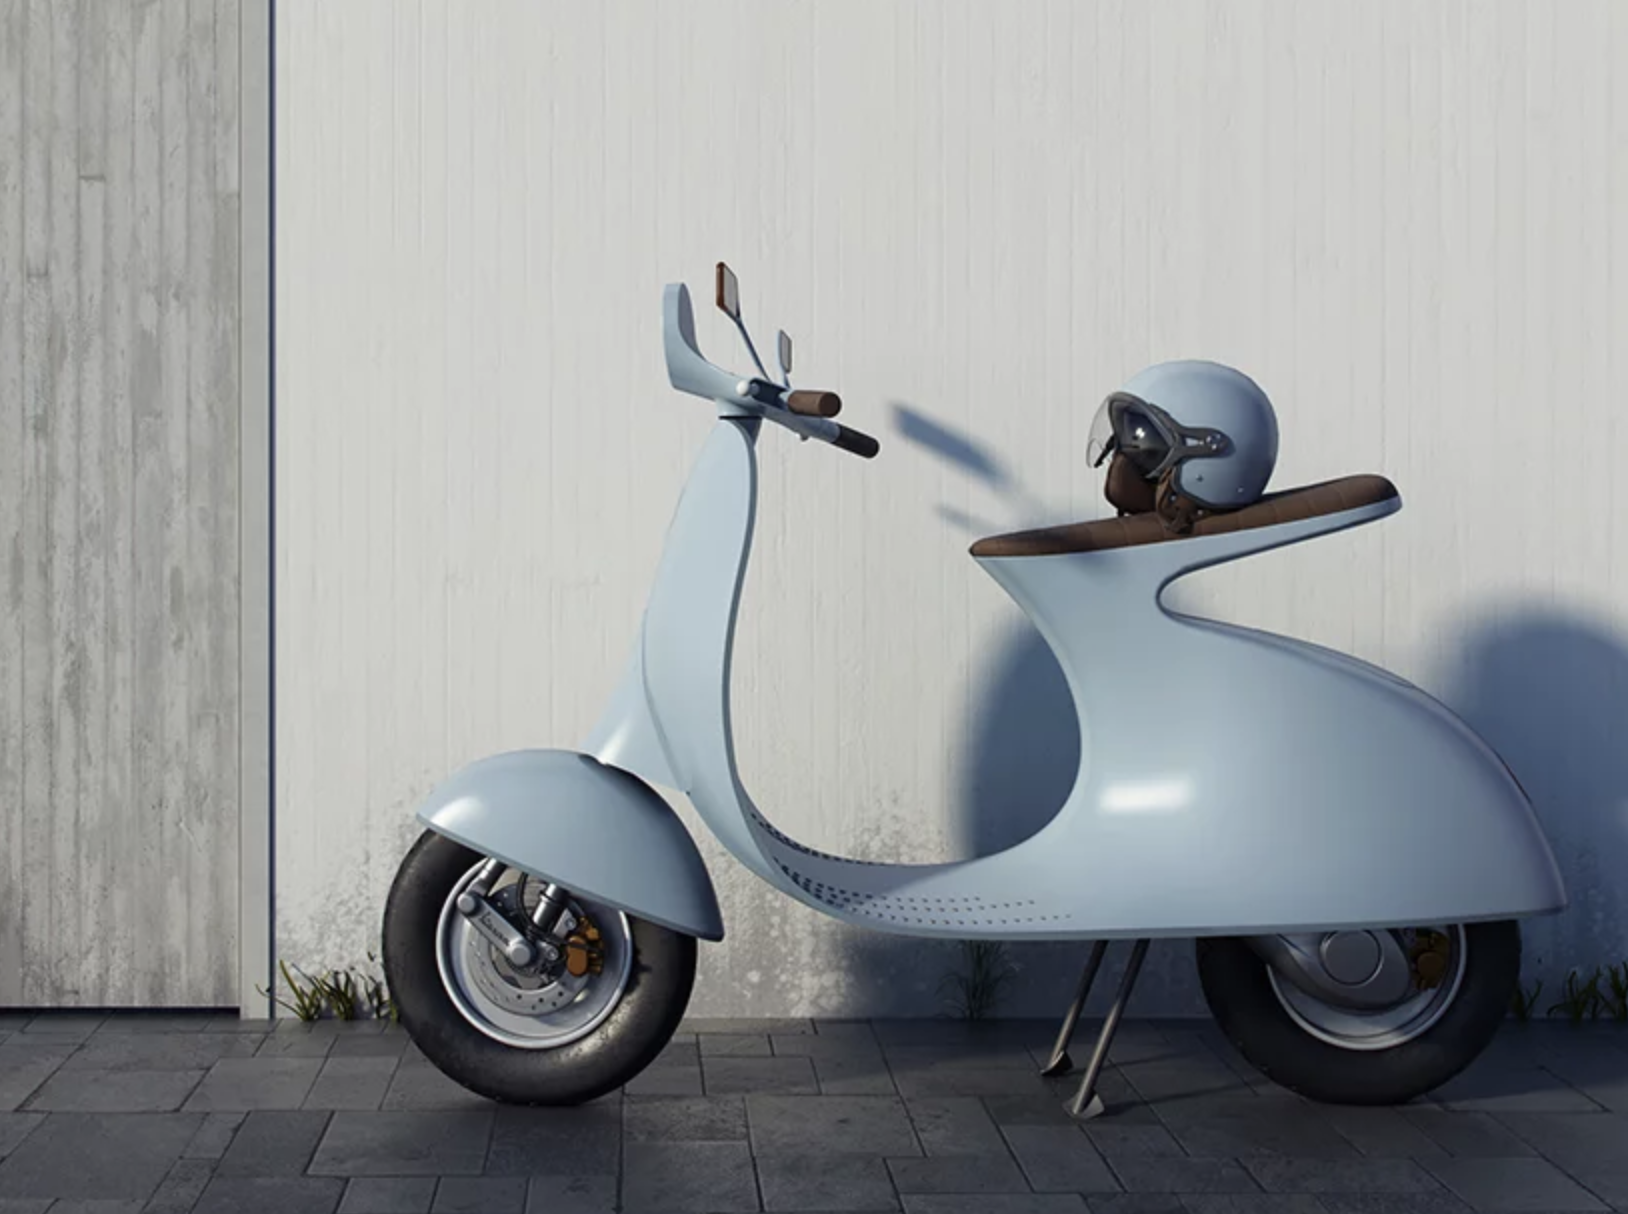 Ce designer réinvente le Vespa avec un concept futuriste et 100% électrique